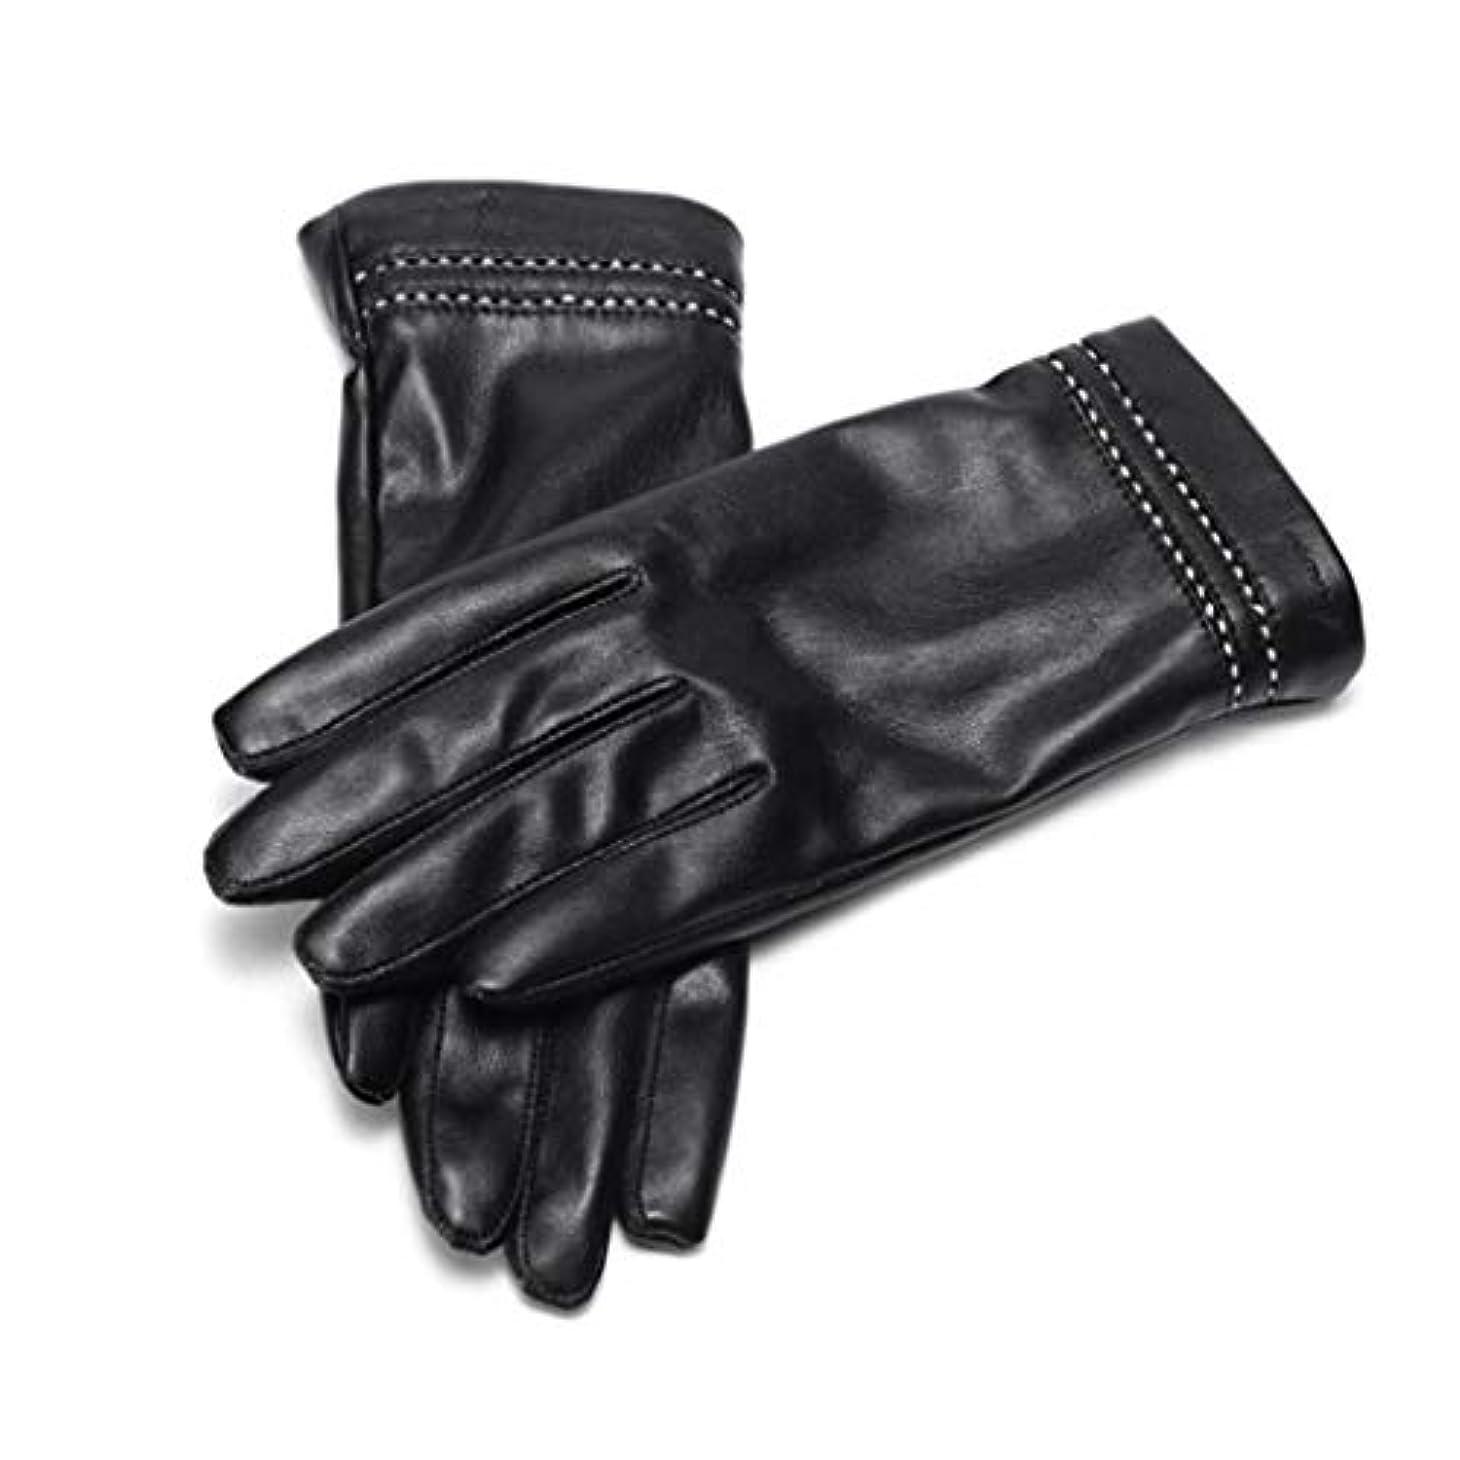 夜明けどんよりしたあざ女性の革手袋秋と冬のファッションプラスベルベット暖かい滑り止めのタッチスクリーン革手袋の女性671141003黒